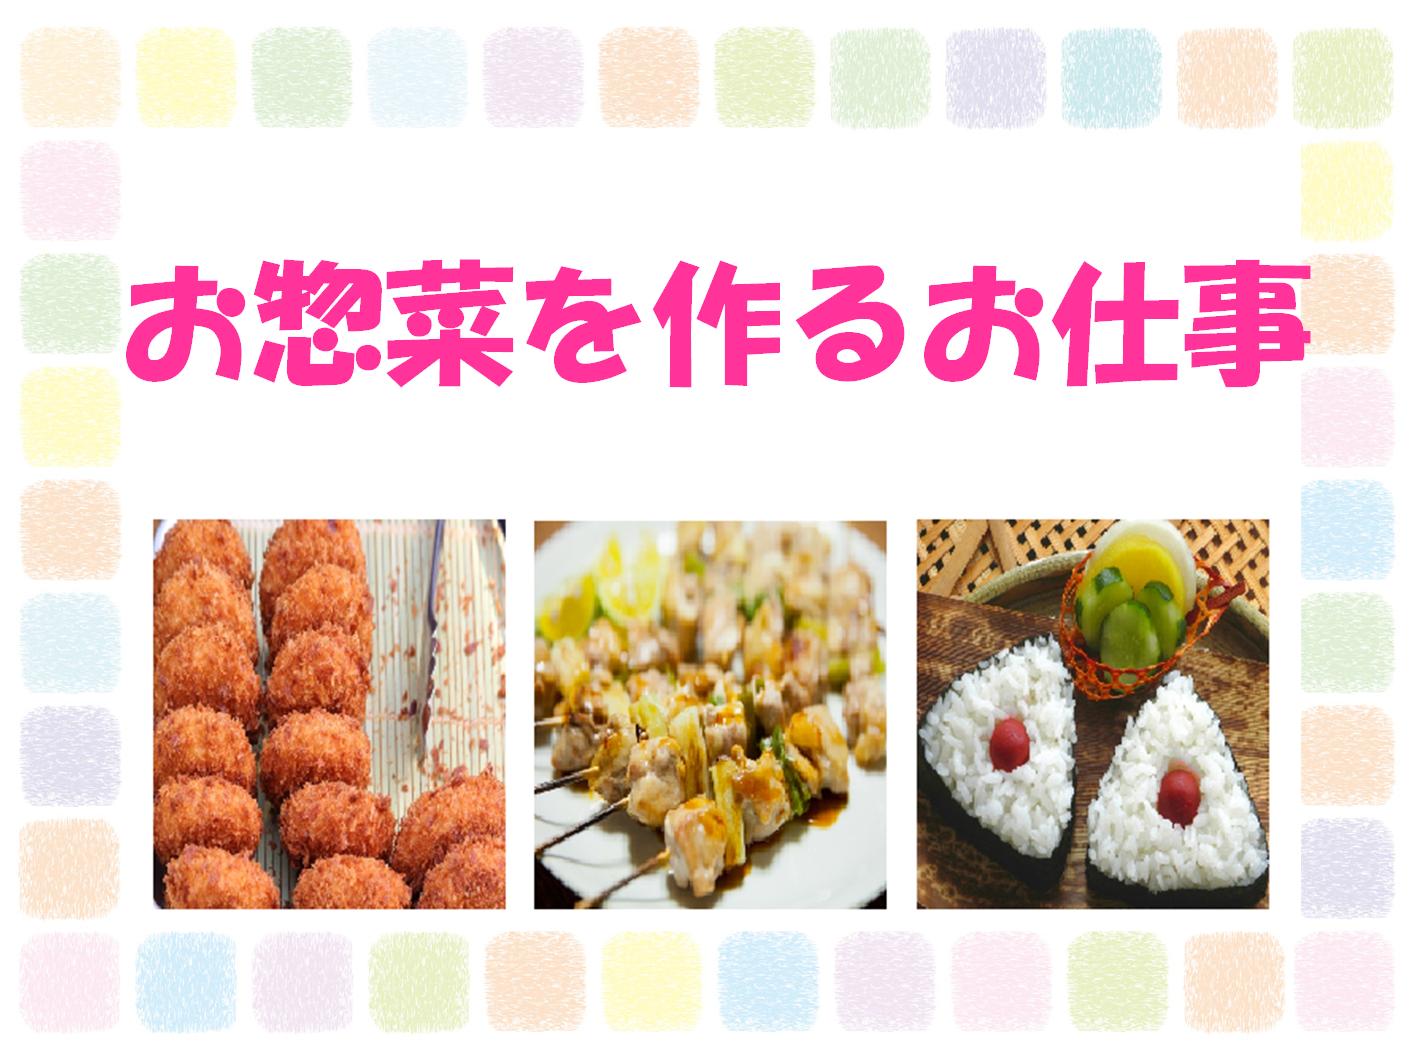 【二俣新町】惣菜スタッフ☆時給1200円☆バイク・車通勤可 イメージ